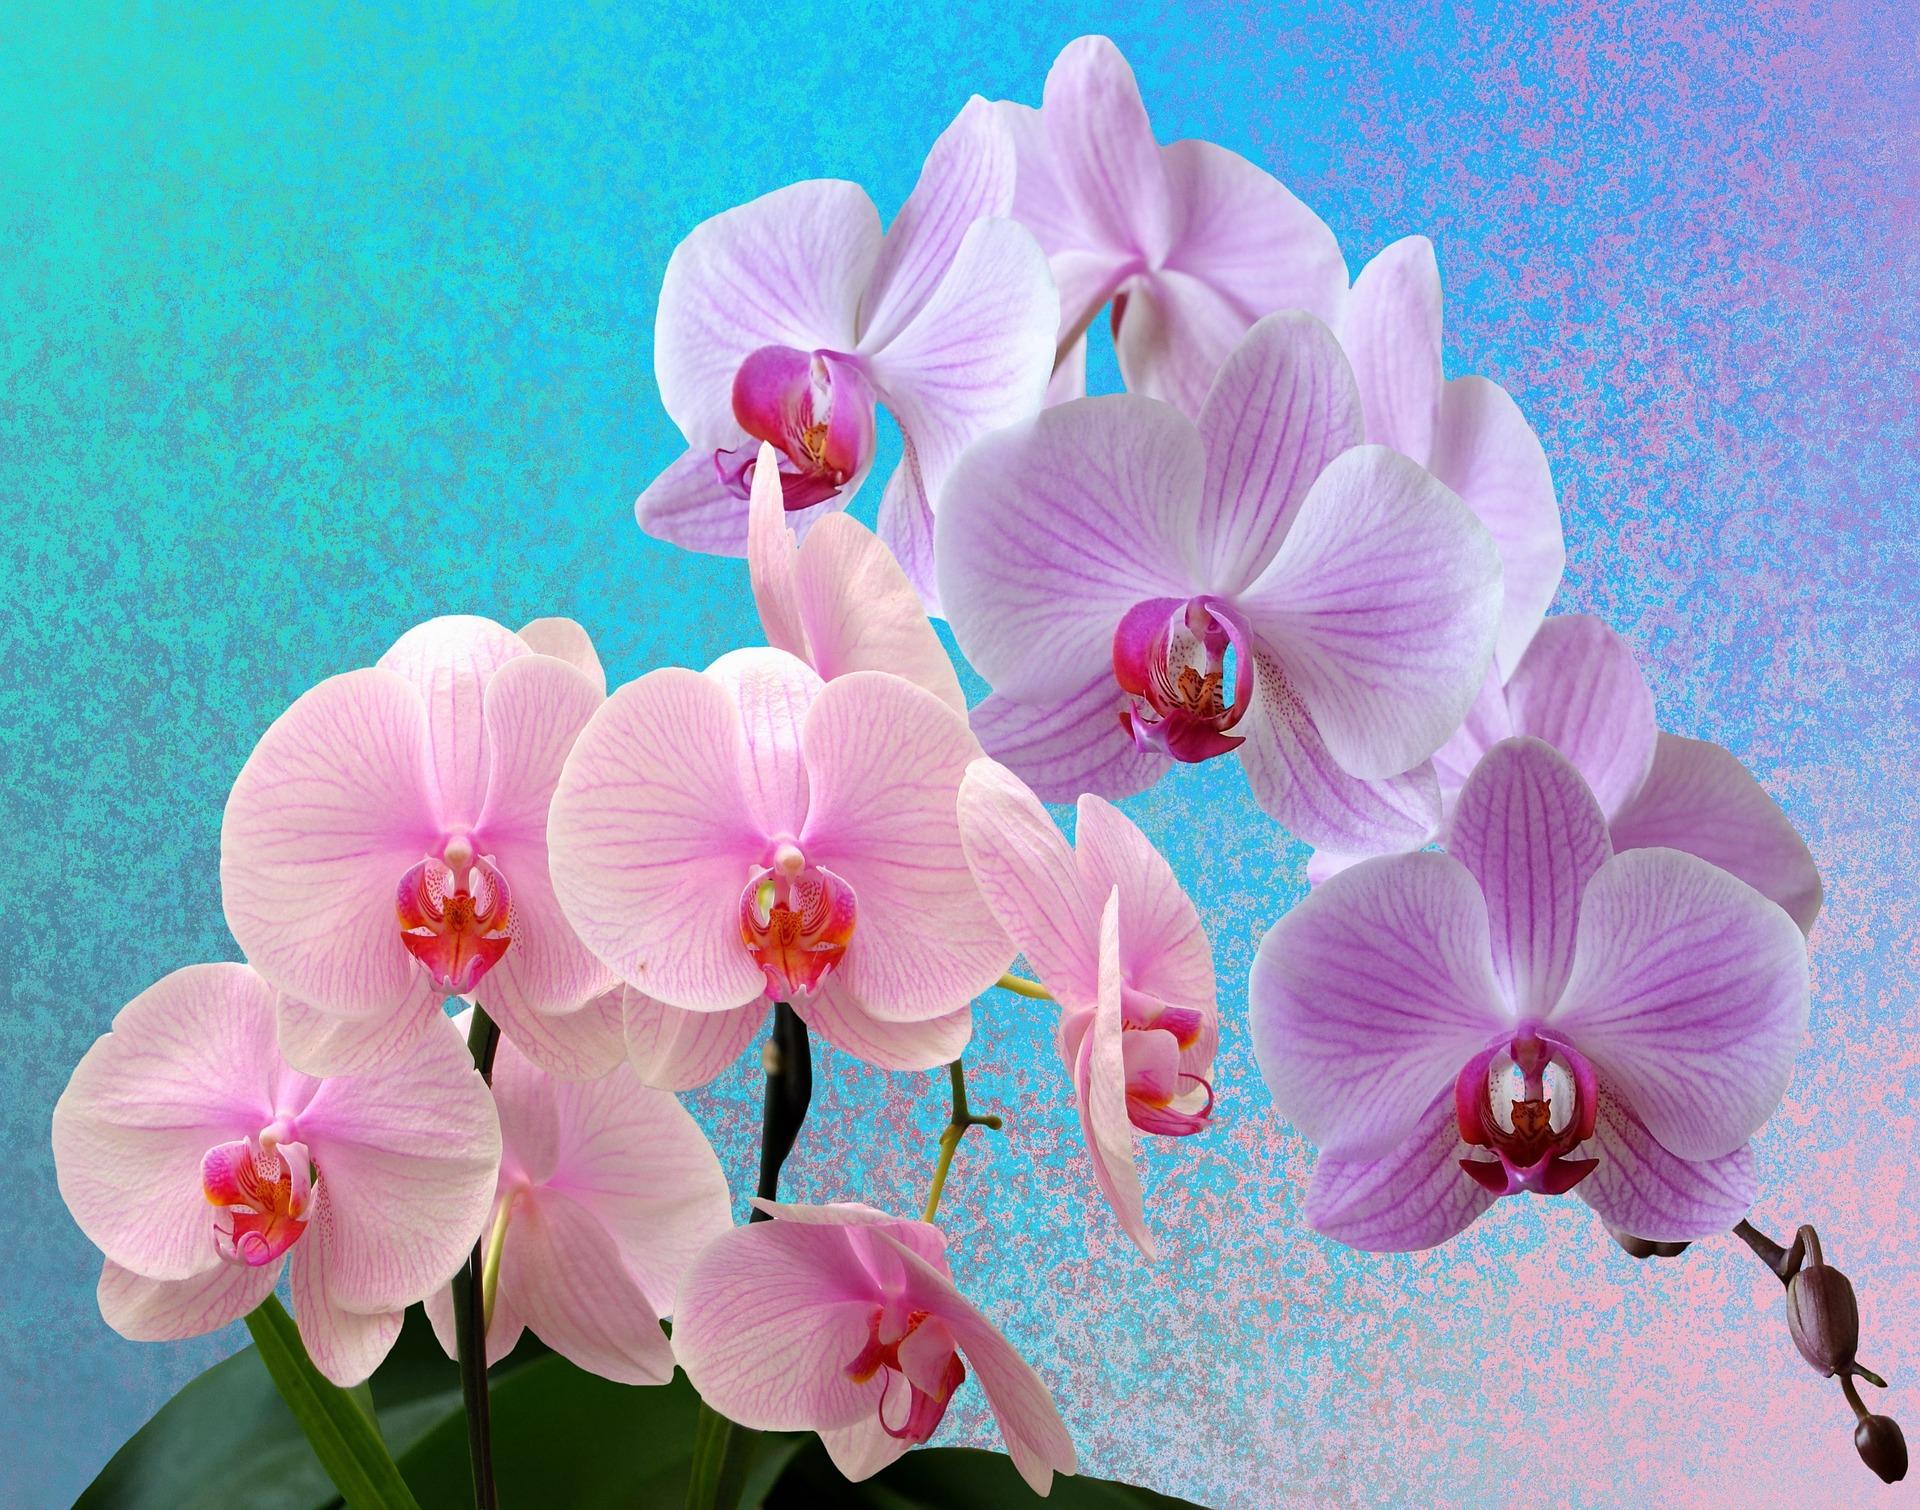 Iluminación de las orquídeas